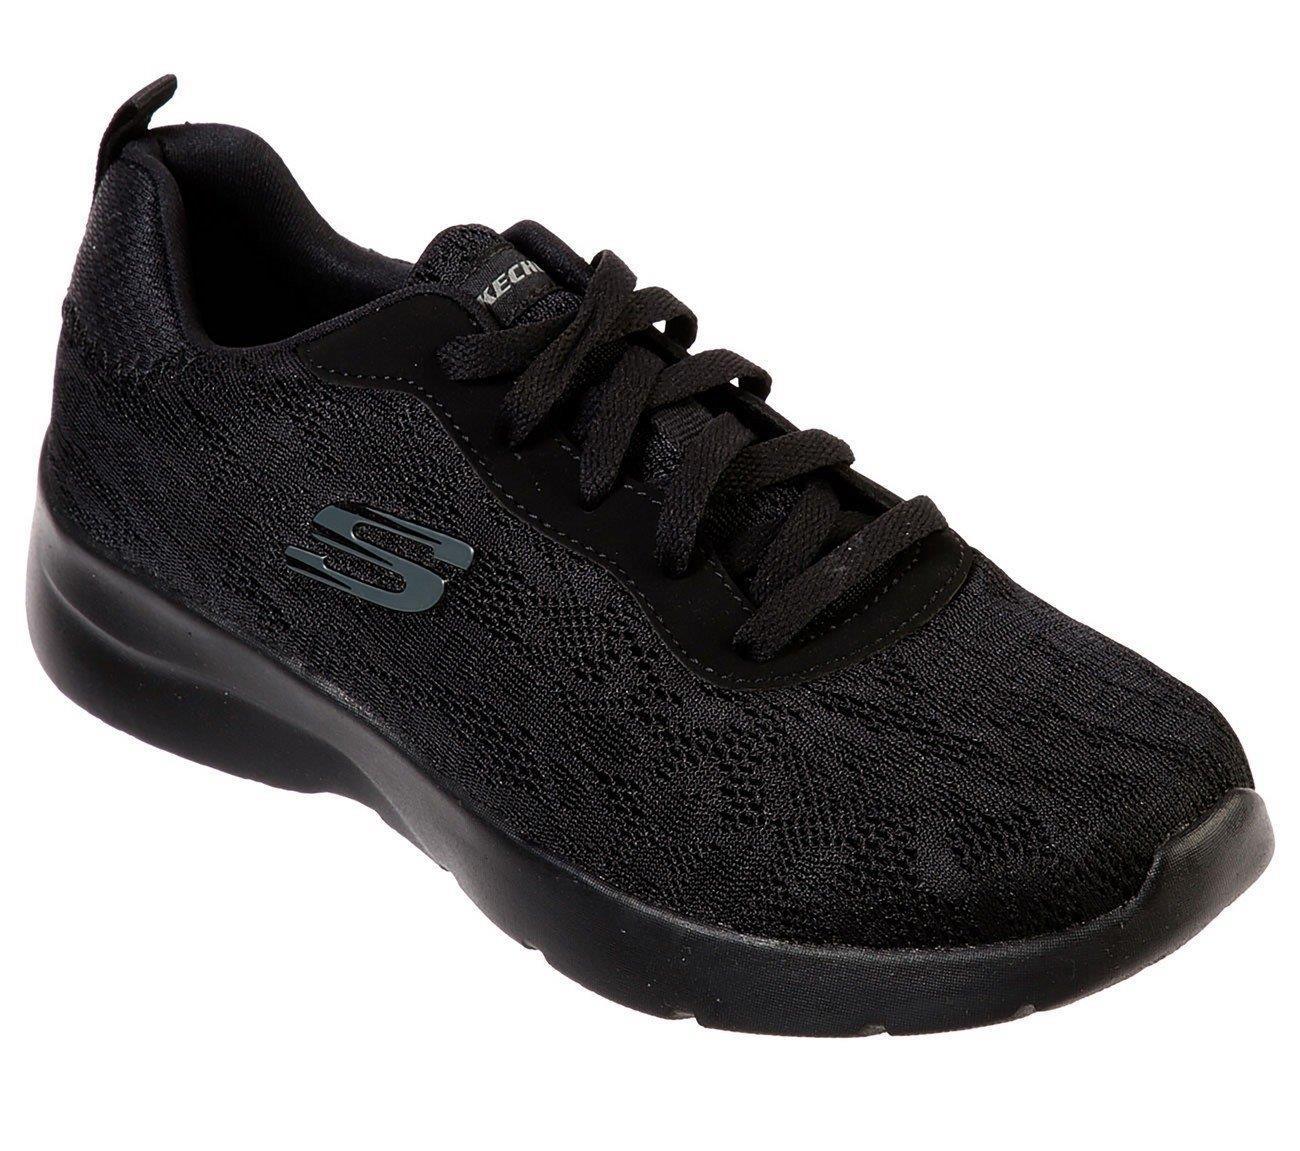 Skechers Dynamight 2.0 - Homespun Kadın Ayakkabı SKC12963 BBK